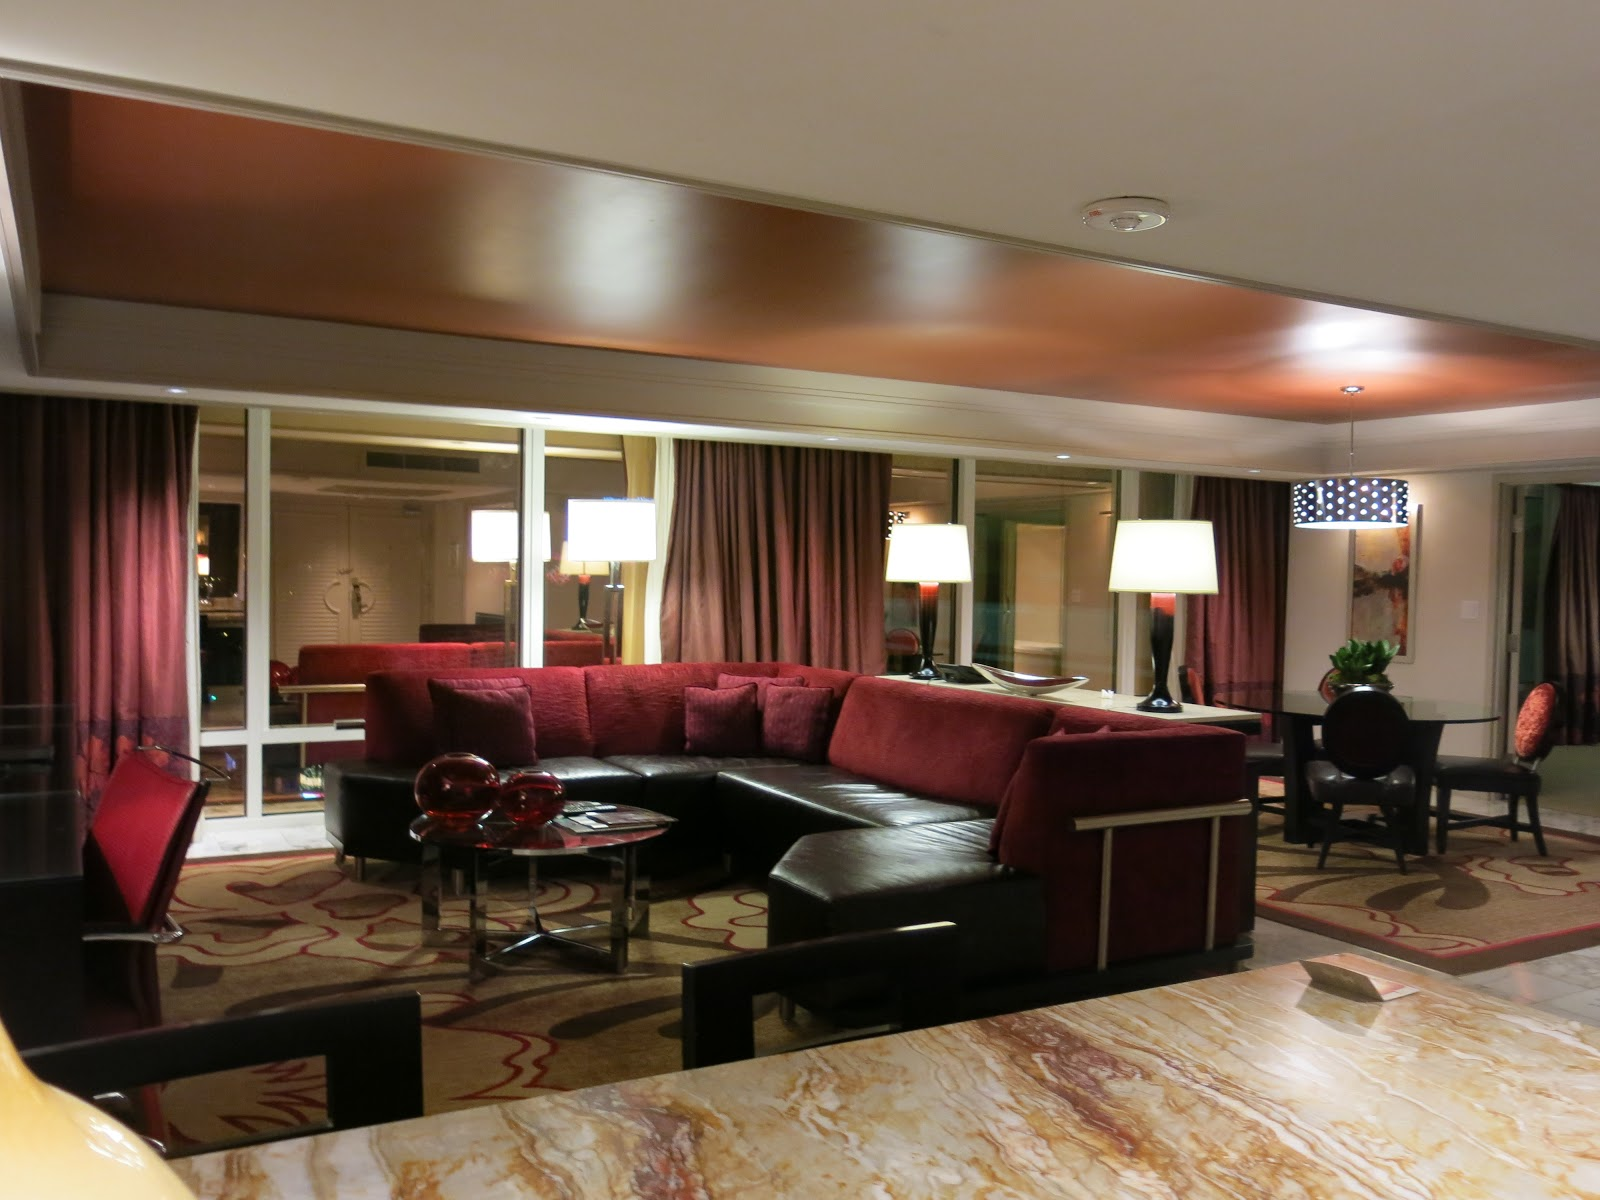 Las vegas daze mirage one bedroom tower suite via myvegas - Las vegas 2 bedroom hotel suites ...